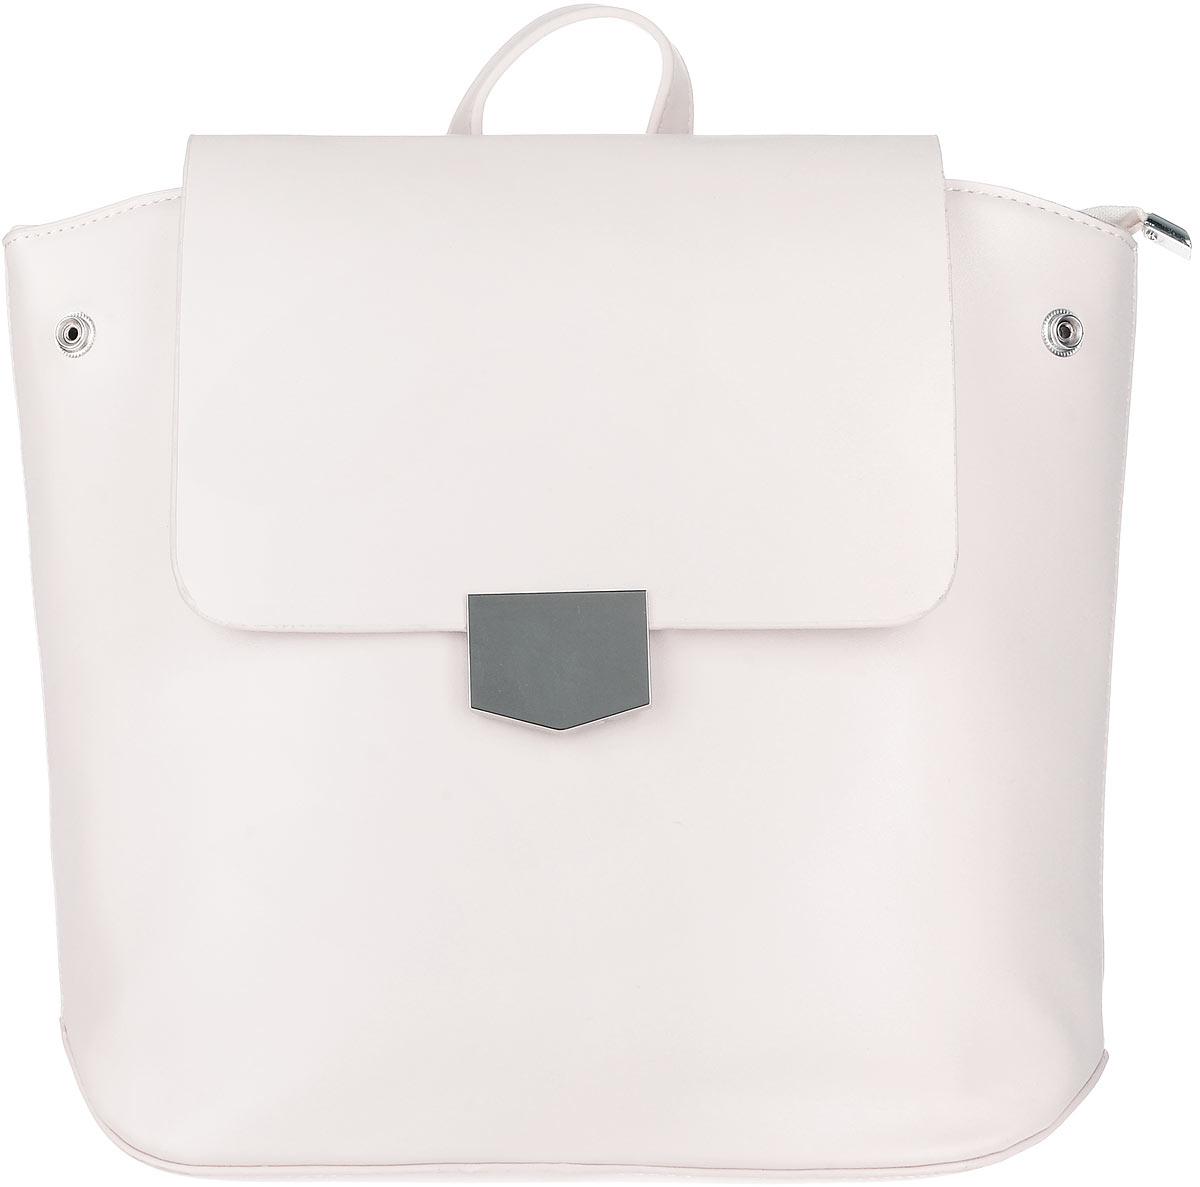 Рюкзак женский OrsOro, цвет: топленое молоко. D-262/3D-262/3Элегантный рюкзак OrsOro исполнен из экокожи высокого качества. Имеет одно вместительное отделение прикрытое клапаном на магнитной кнопке и под ним застегивающийся на молнию. Так же в отделении присутствуют два накладных кармашка под сотовый телефон или для мелочей и один прорезной карман на застежке-молнии. Рюкзак обладает удобной ручкой сверху для переноски и двумя регулируемыми плечевыми ремнями-лямками на карабинах. По бокам рюкзака имеются четыре кнопки благодаря которым можно регулировать форму рюкзака от прямоугольной до трапецевидной.